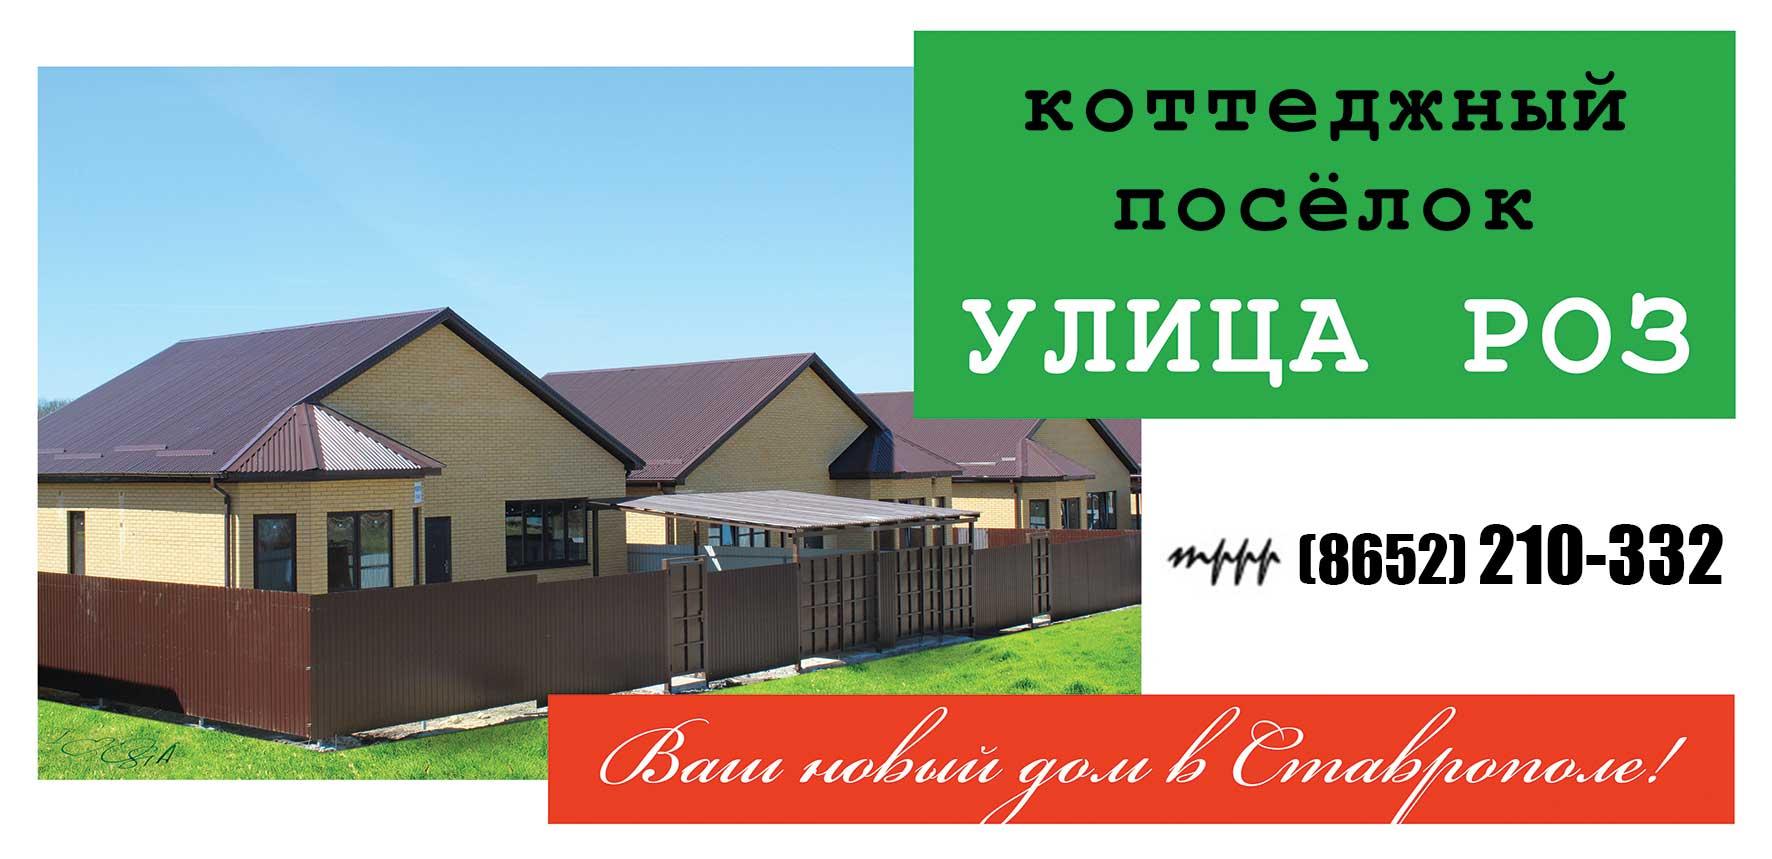 Ставрополь коттеджный поселок Улица роз